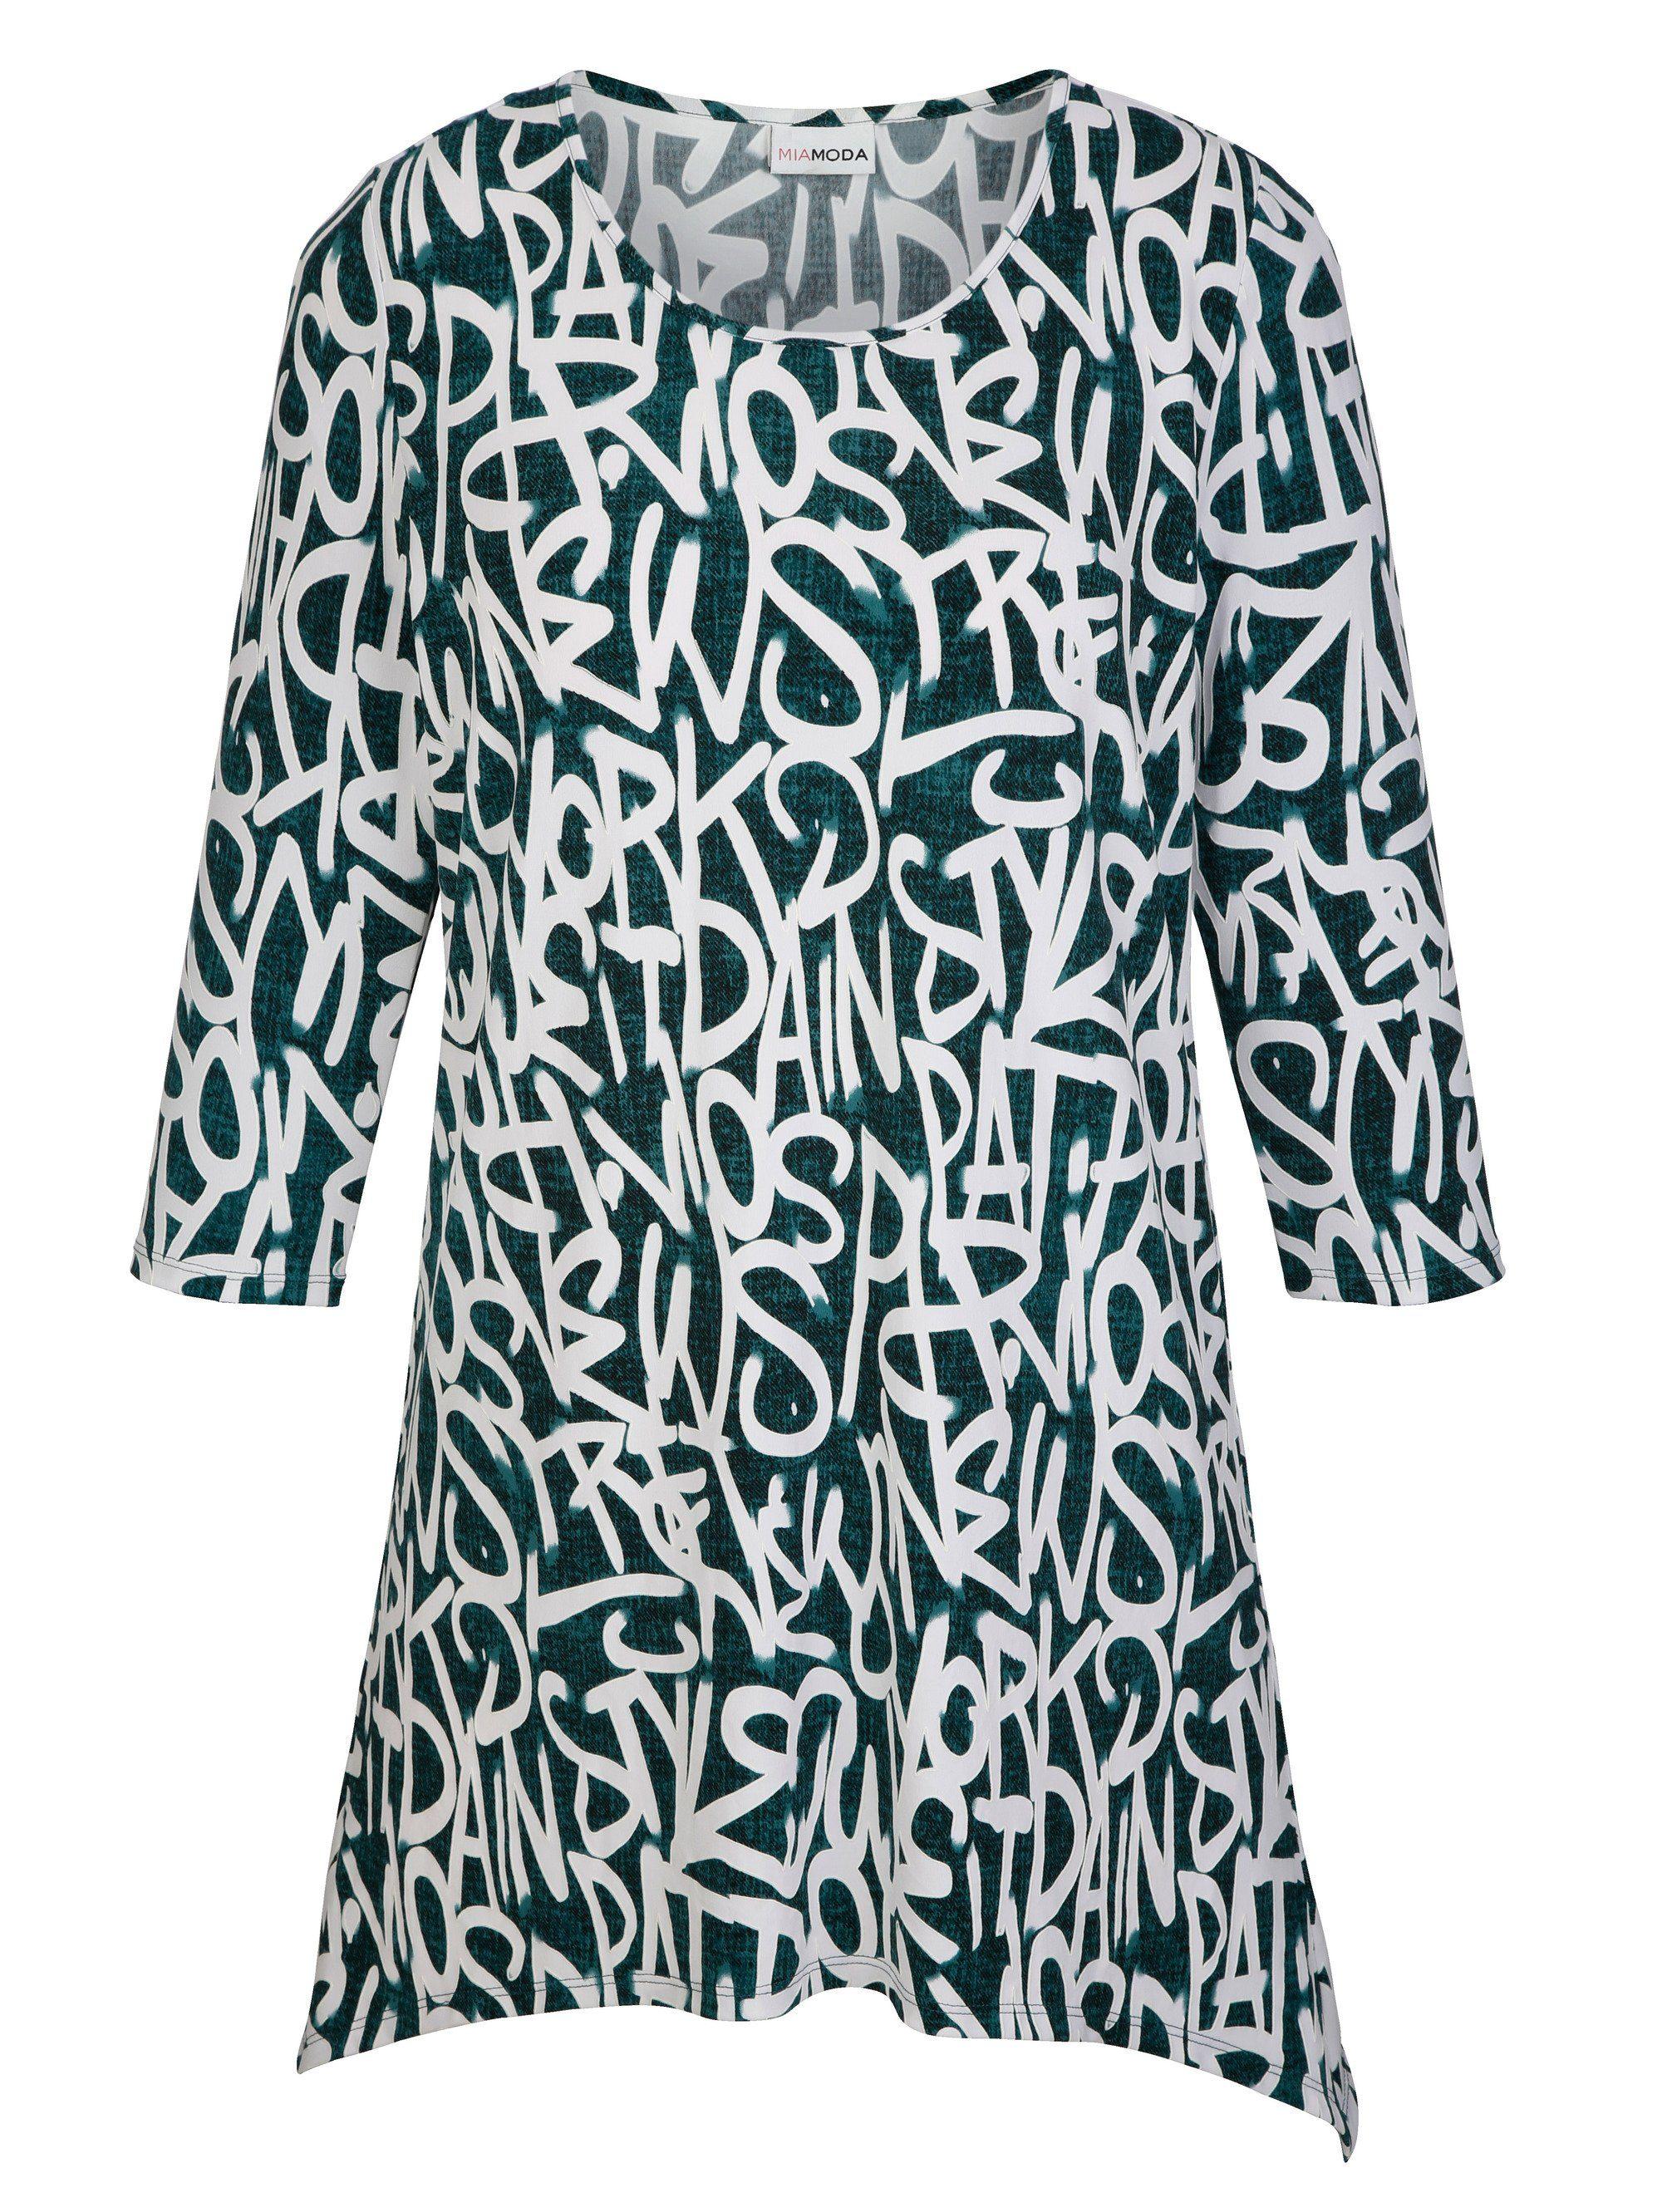 MIAMODA Zipfelshirt mit strukturiertem Druckmuster | Bekleidung > Shirts > Zipfelshirts | Grün | Polyester | Miamoda